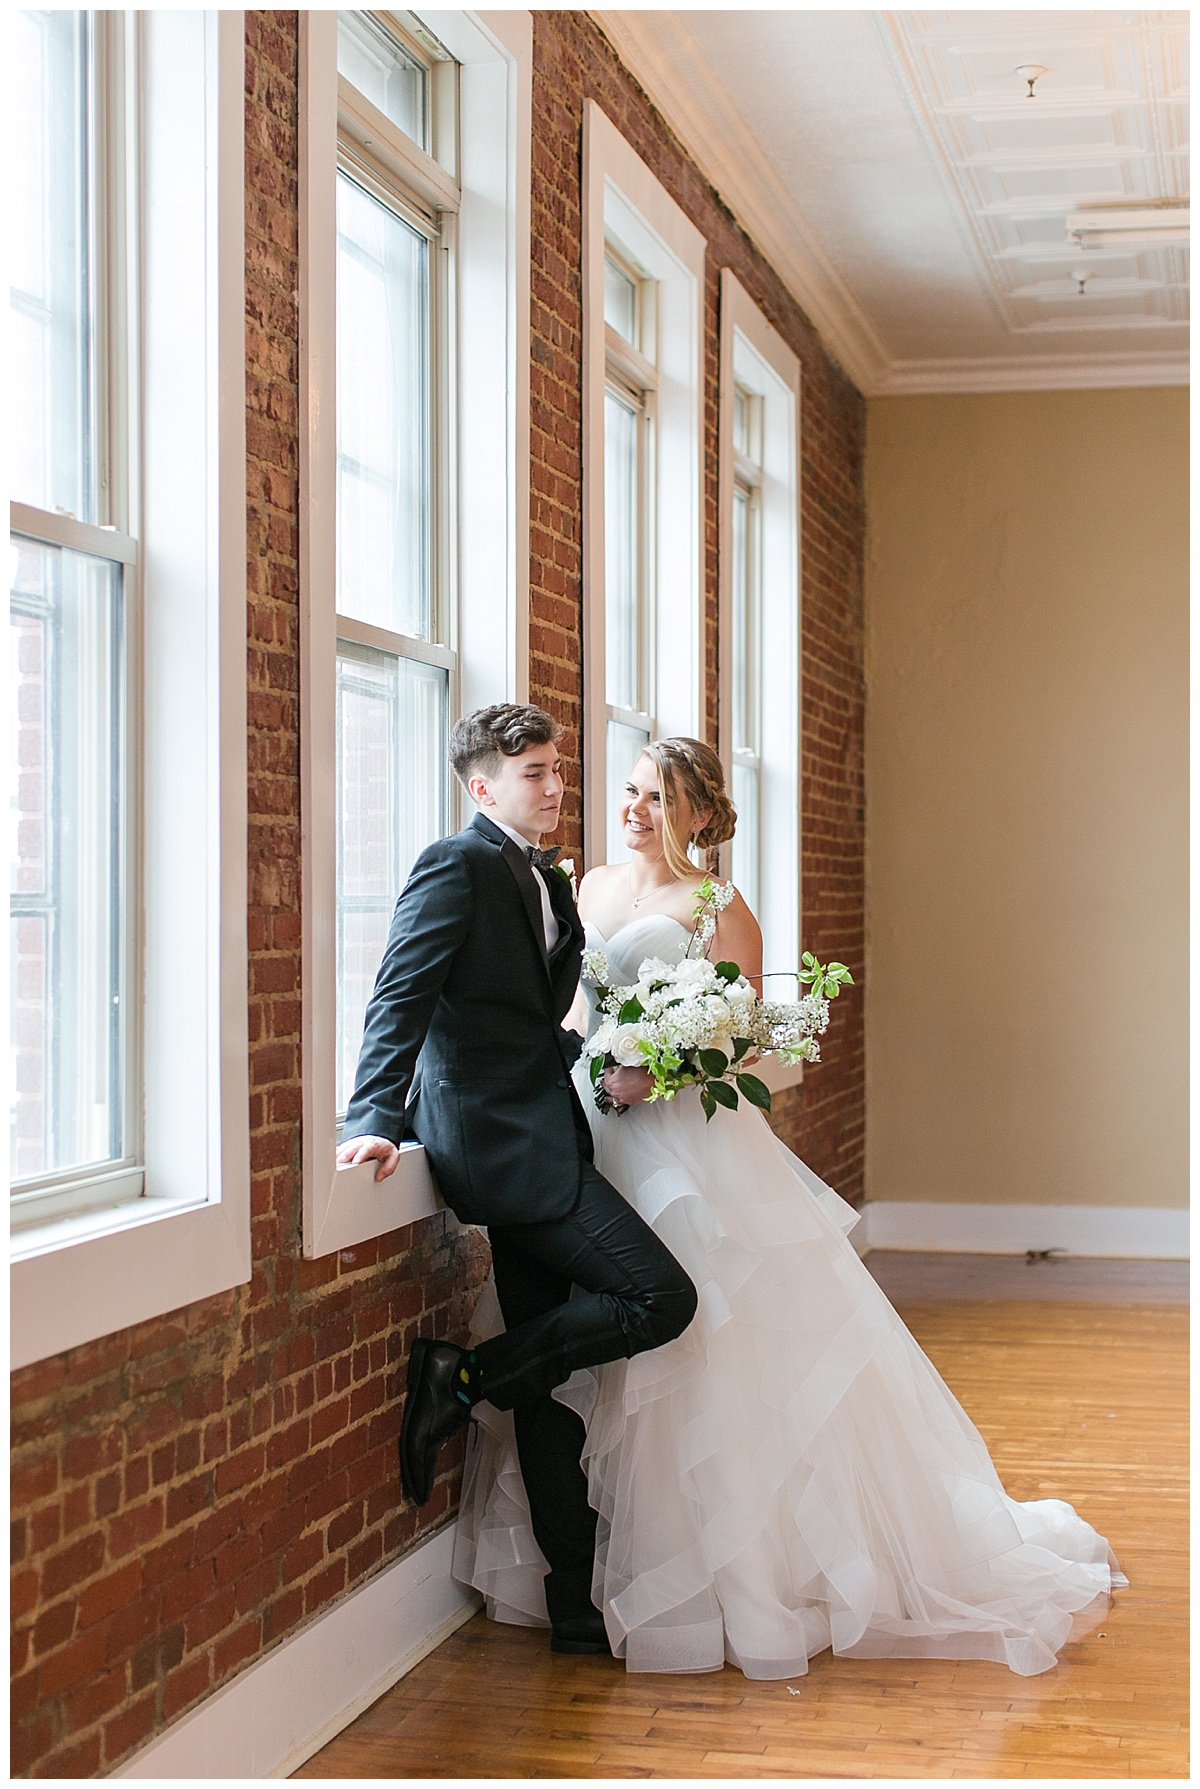 Scott's_Downtown_Monroe_Ga_Wedding_Photograpehrs_0024.jpg